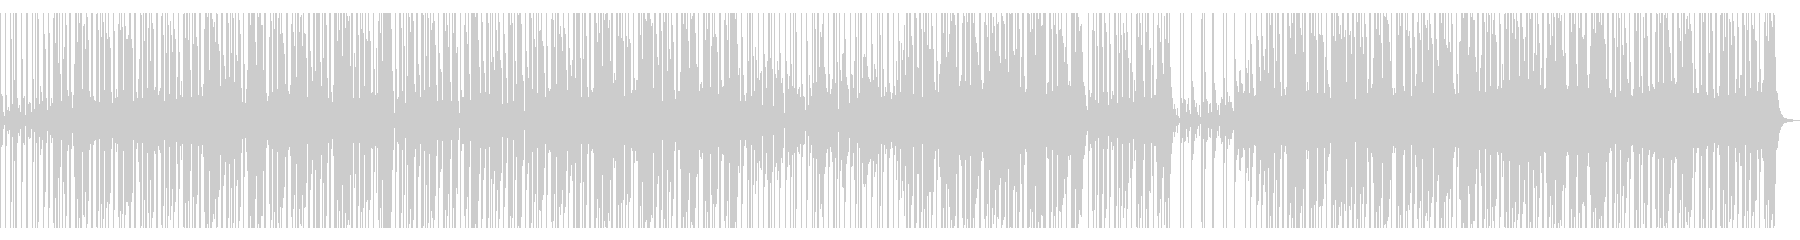 【ギターオブリ無し】スローファンクロックの未再生の波形